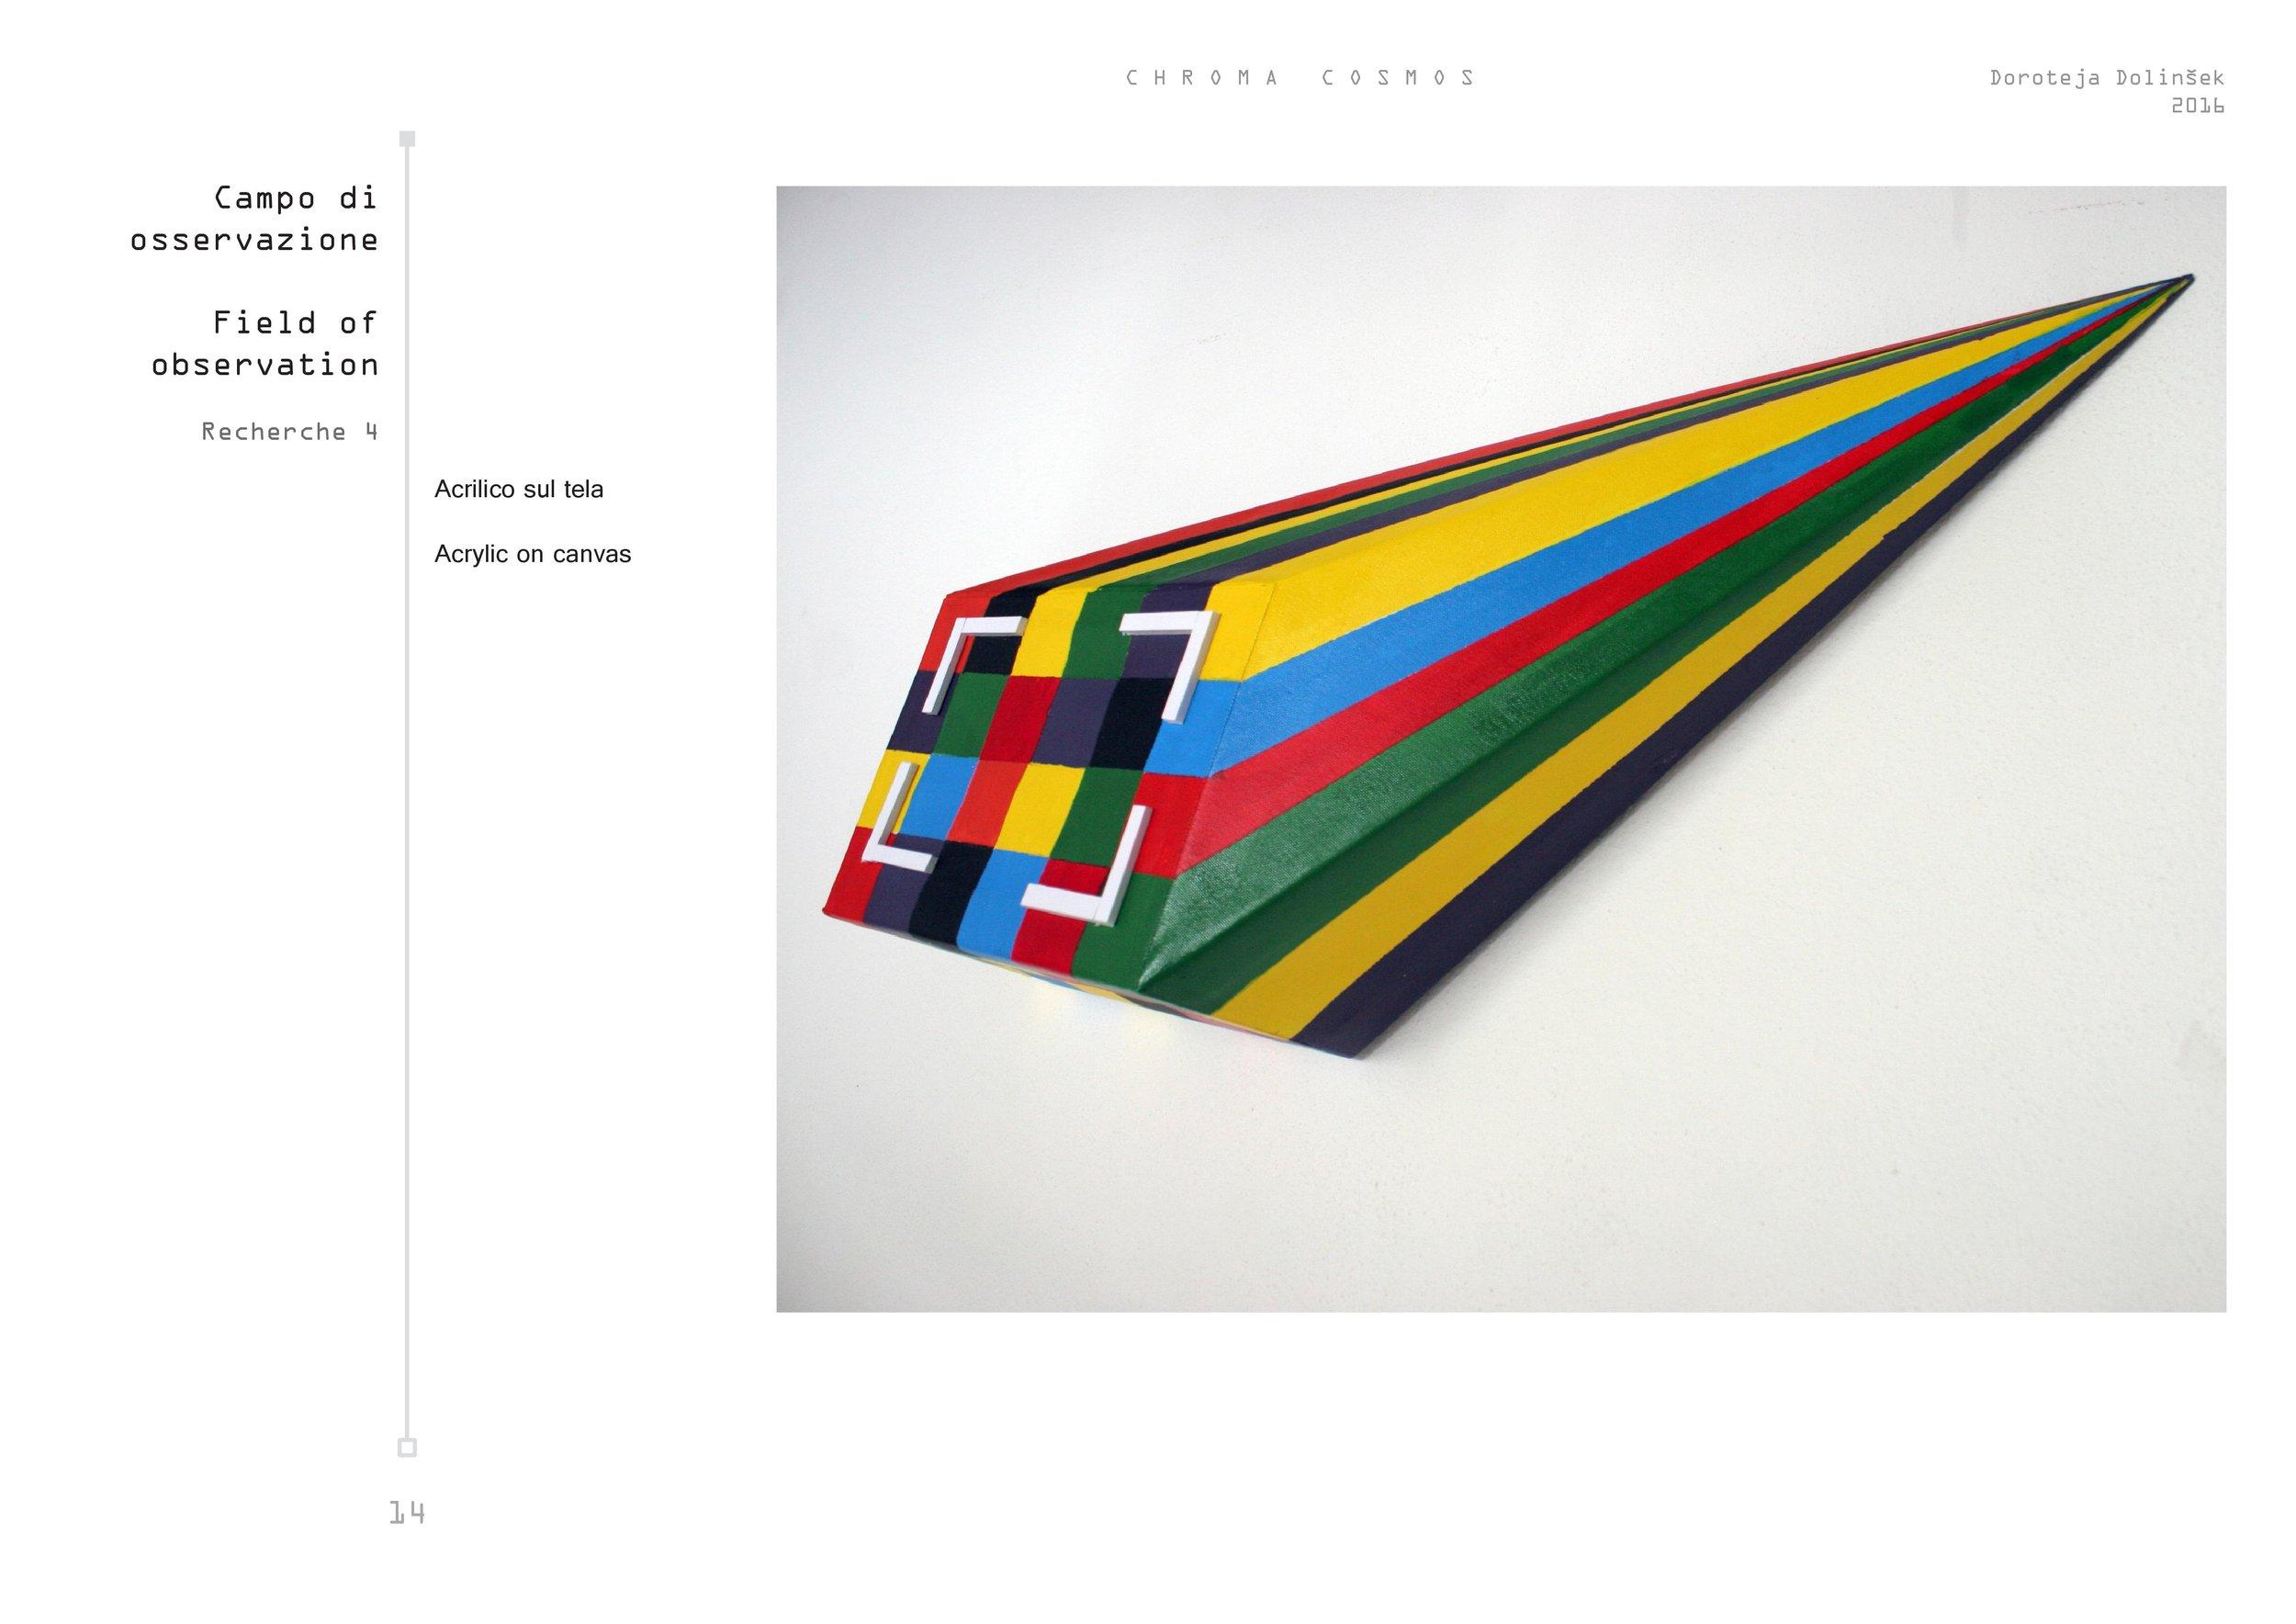 CHROMA COSMOS-page-014.jpg